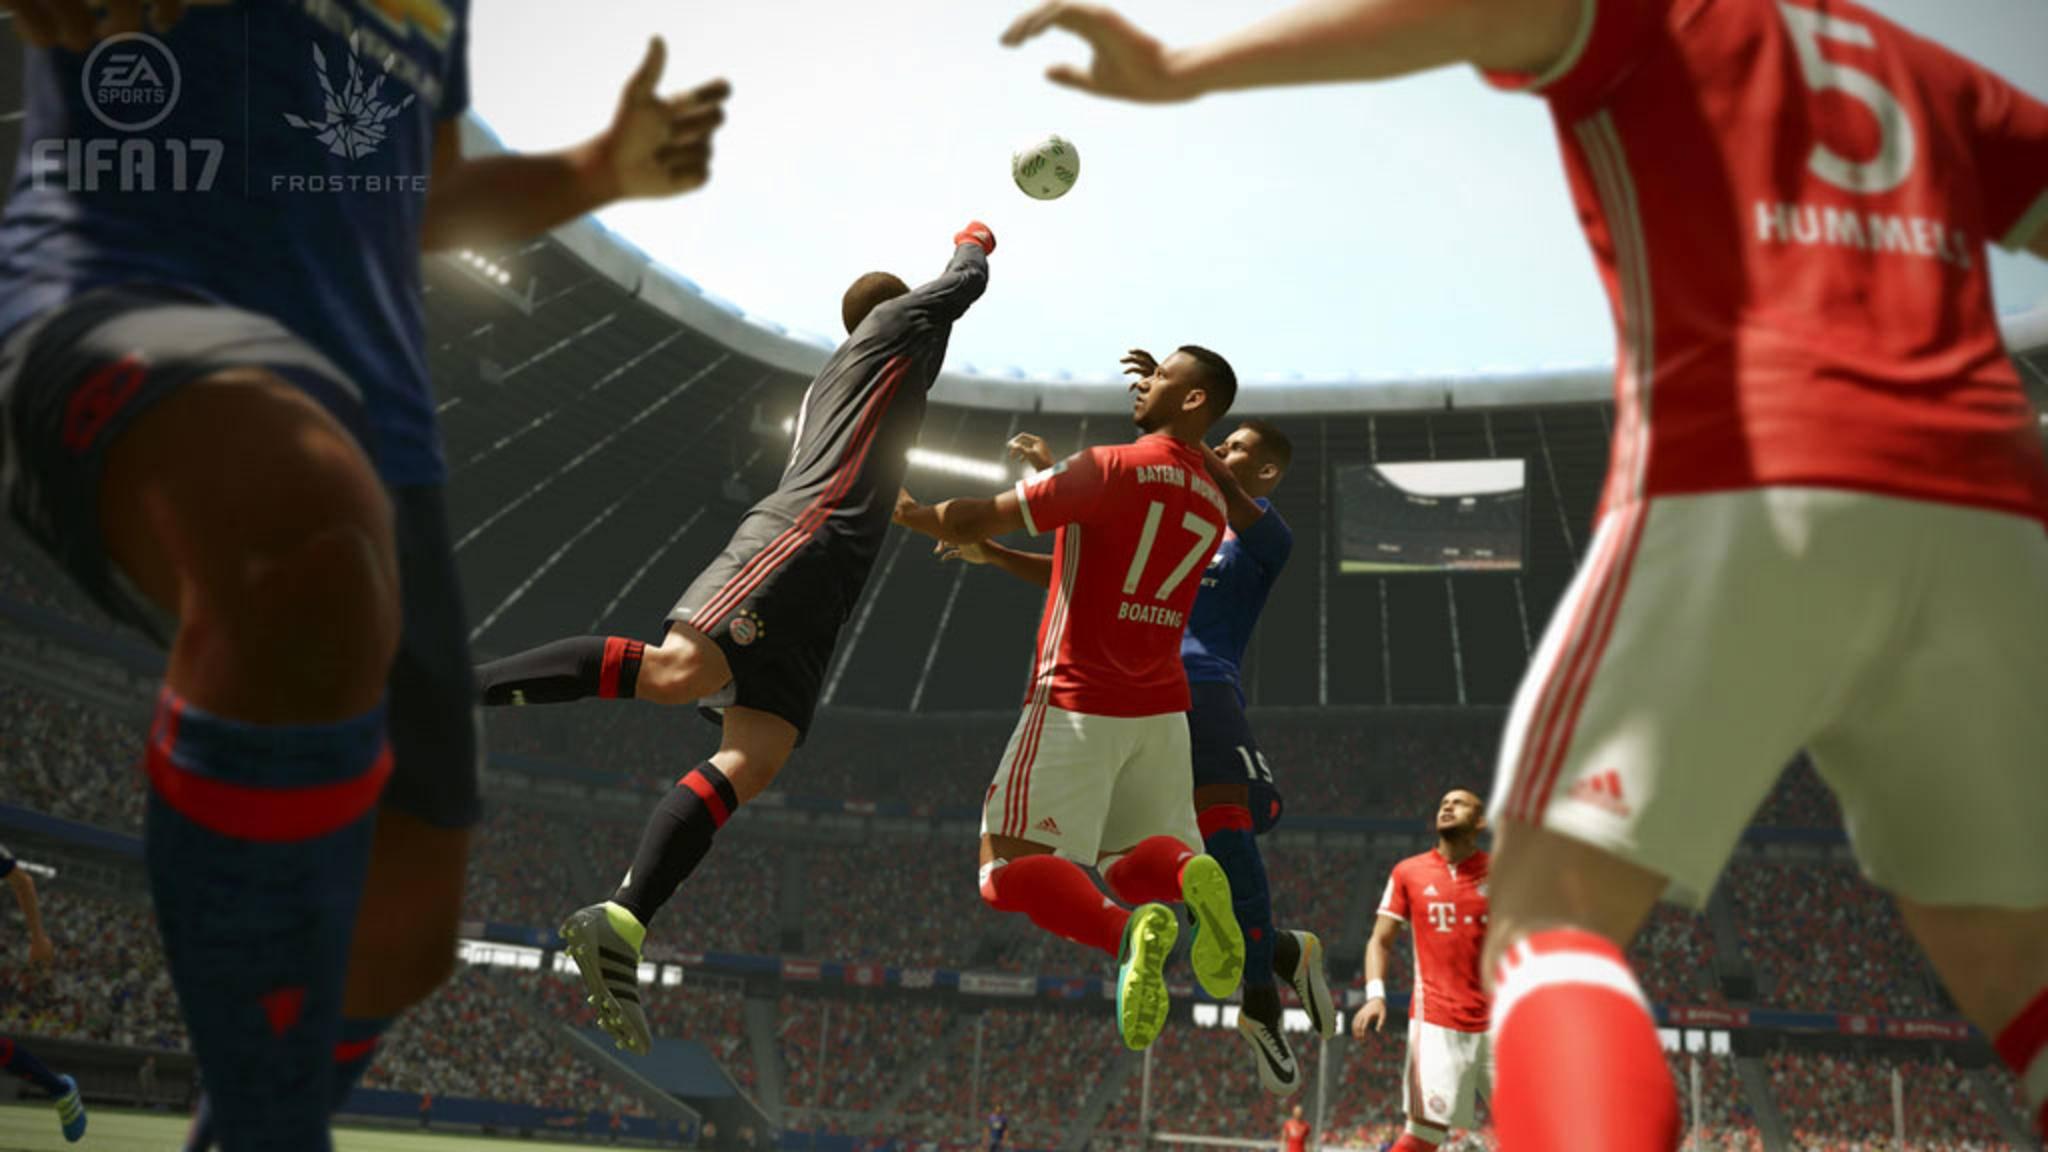 """Spektakuläre Fouls werden in """"FIFA 17"""" manchmal nur unzureichend geahndet. Für """"FIFA 18"""" sollen die Schiedsrichter daher ein Update bekommen."""